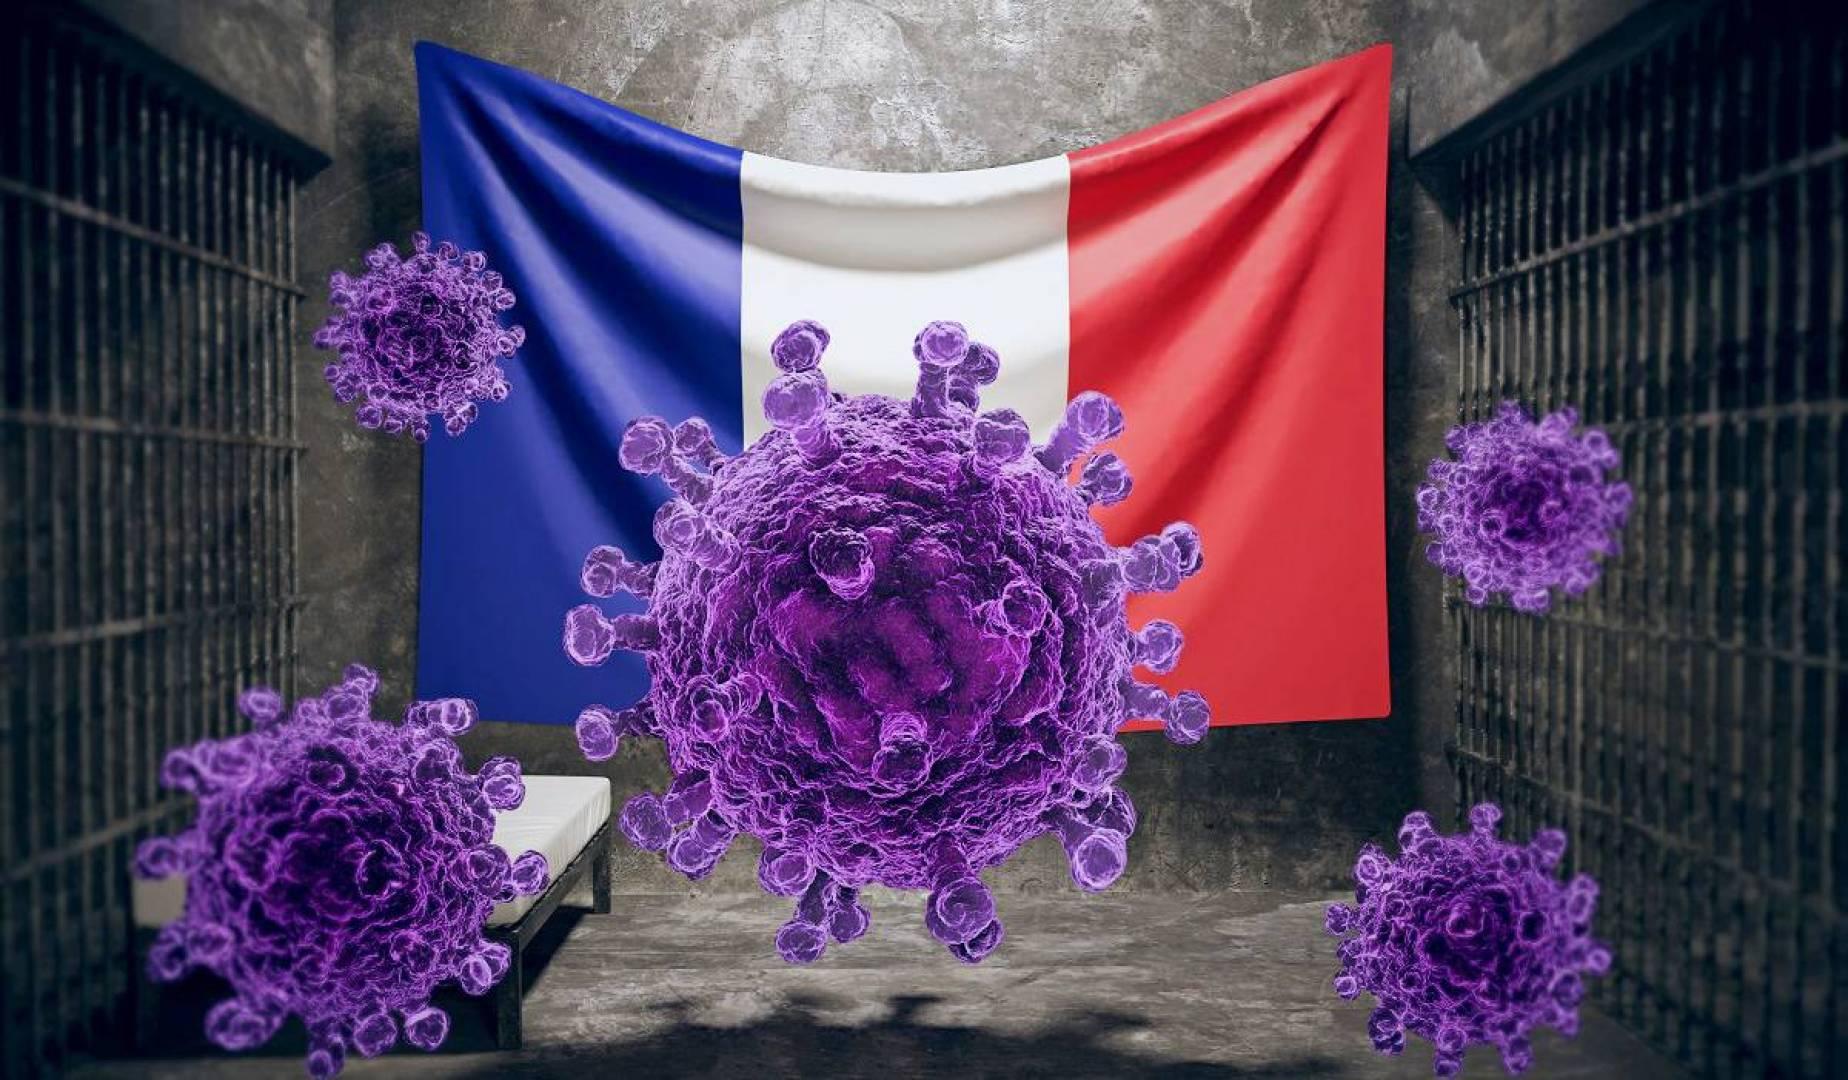 فرنسا تسجل قرابة 4 آلاف إصابة بفيروس كورونا خلال 24 ساعة